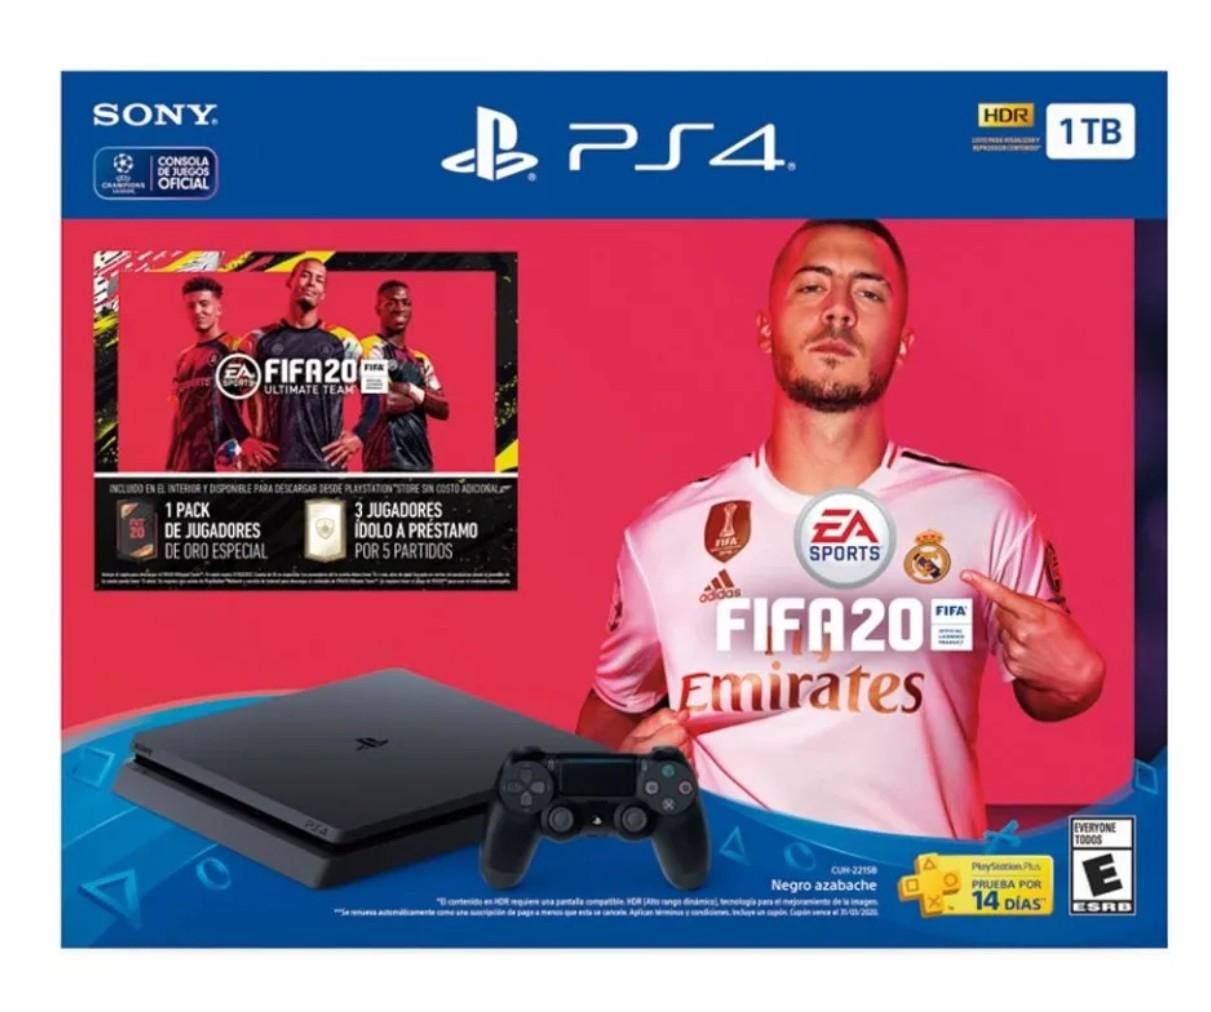 Walmart Súper: Consola PlayStation 4 1TB más 1 Videojuego Fifa 20